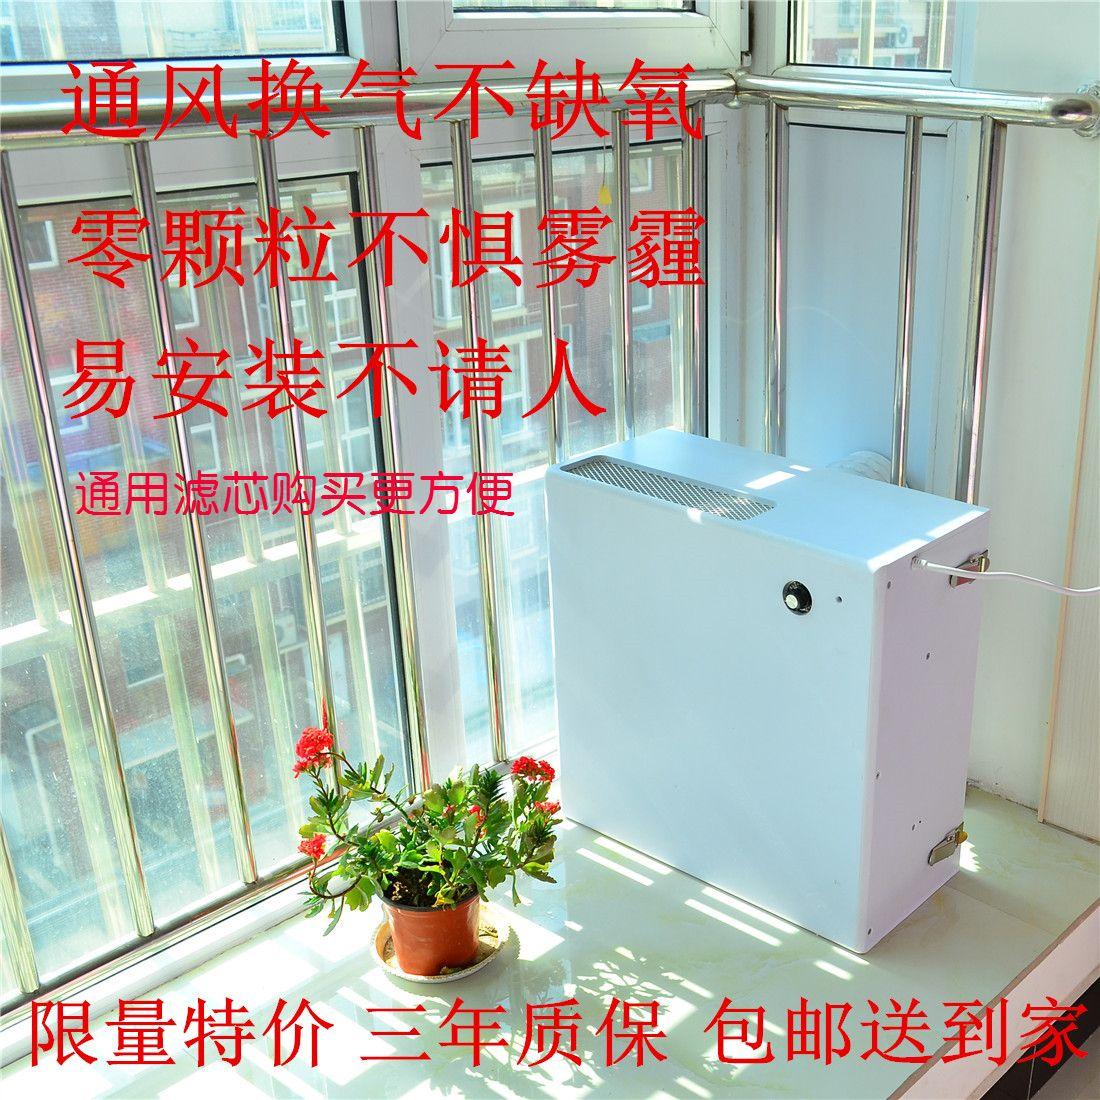 [外循环空气净化器空气净化,氧吧]新风机外循环空气净化器家用壁挂diy月销量1件仅售880元